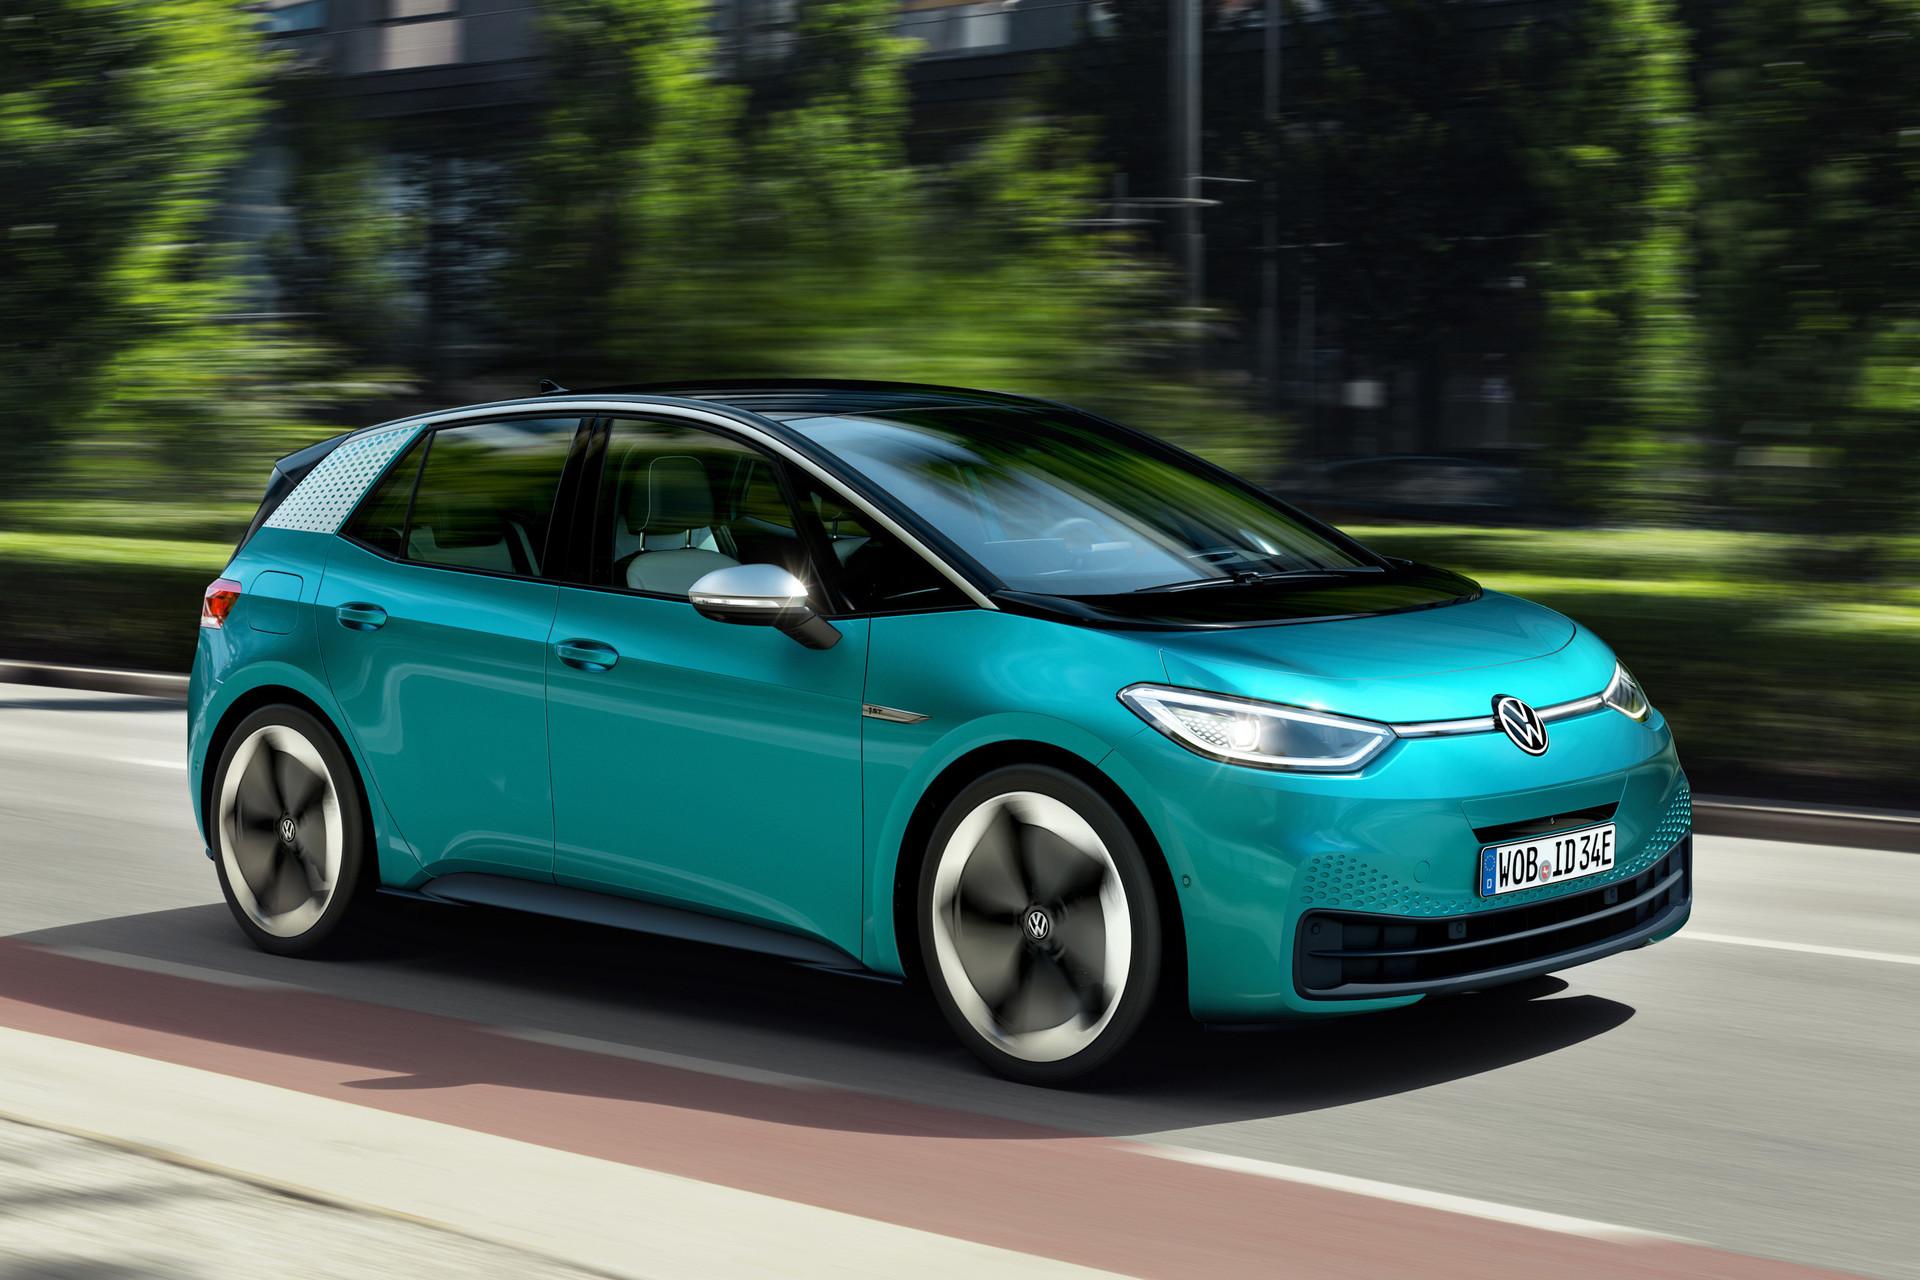 De I D Buzz Minivan By Volkswagen Het Elektrische Volkswagen Busje Komt Zo